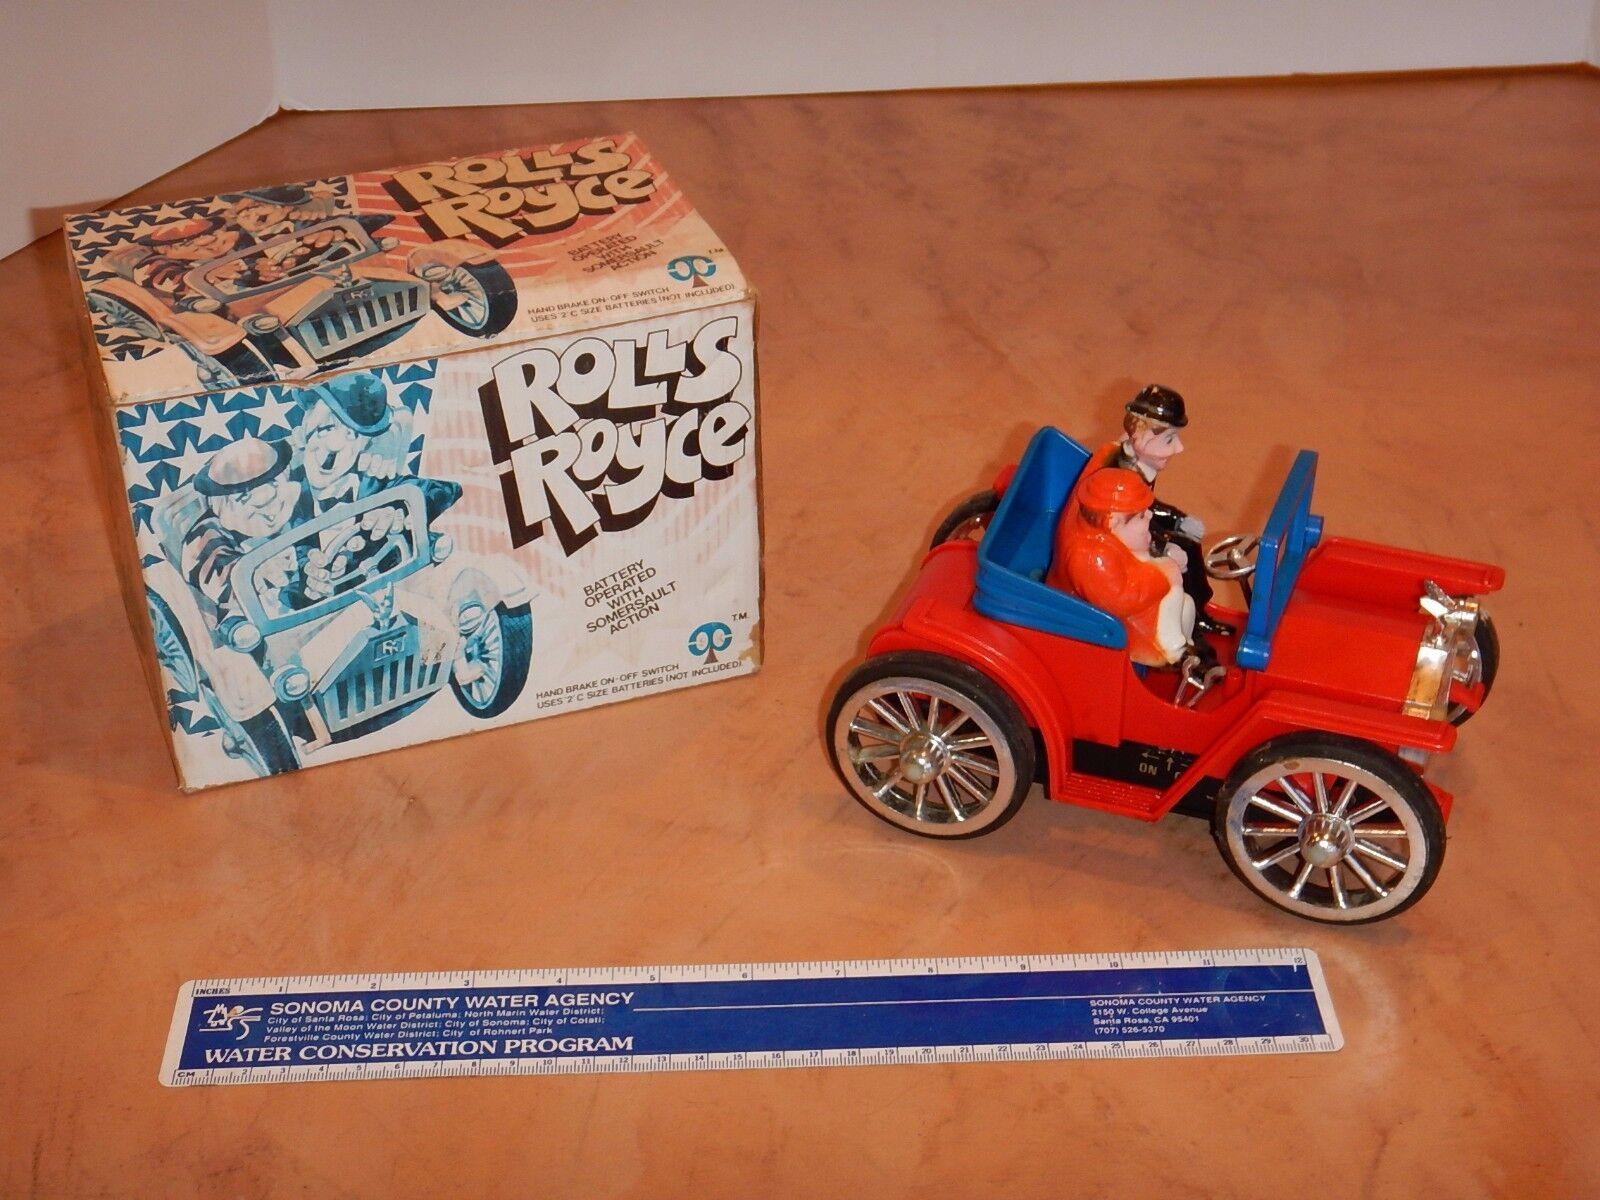 70er - jahre - rolls - royce batteriebetriebenes spielzeug, laurel & hardy, original - box, die